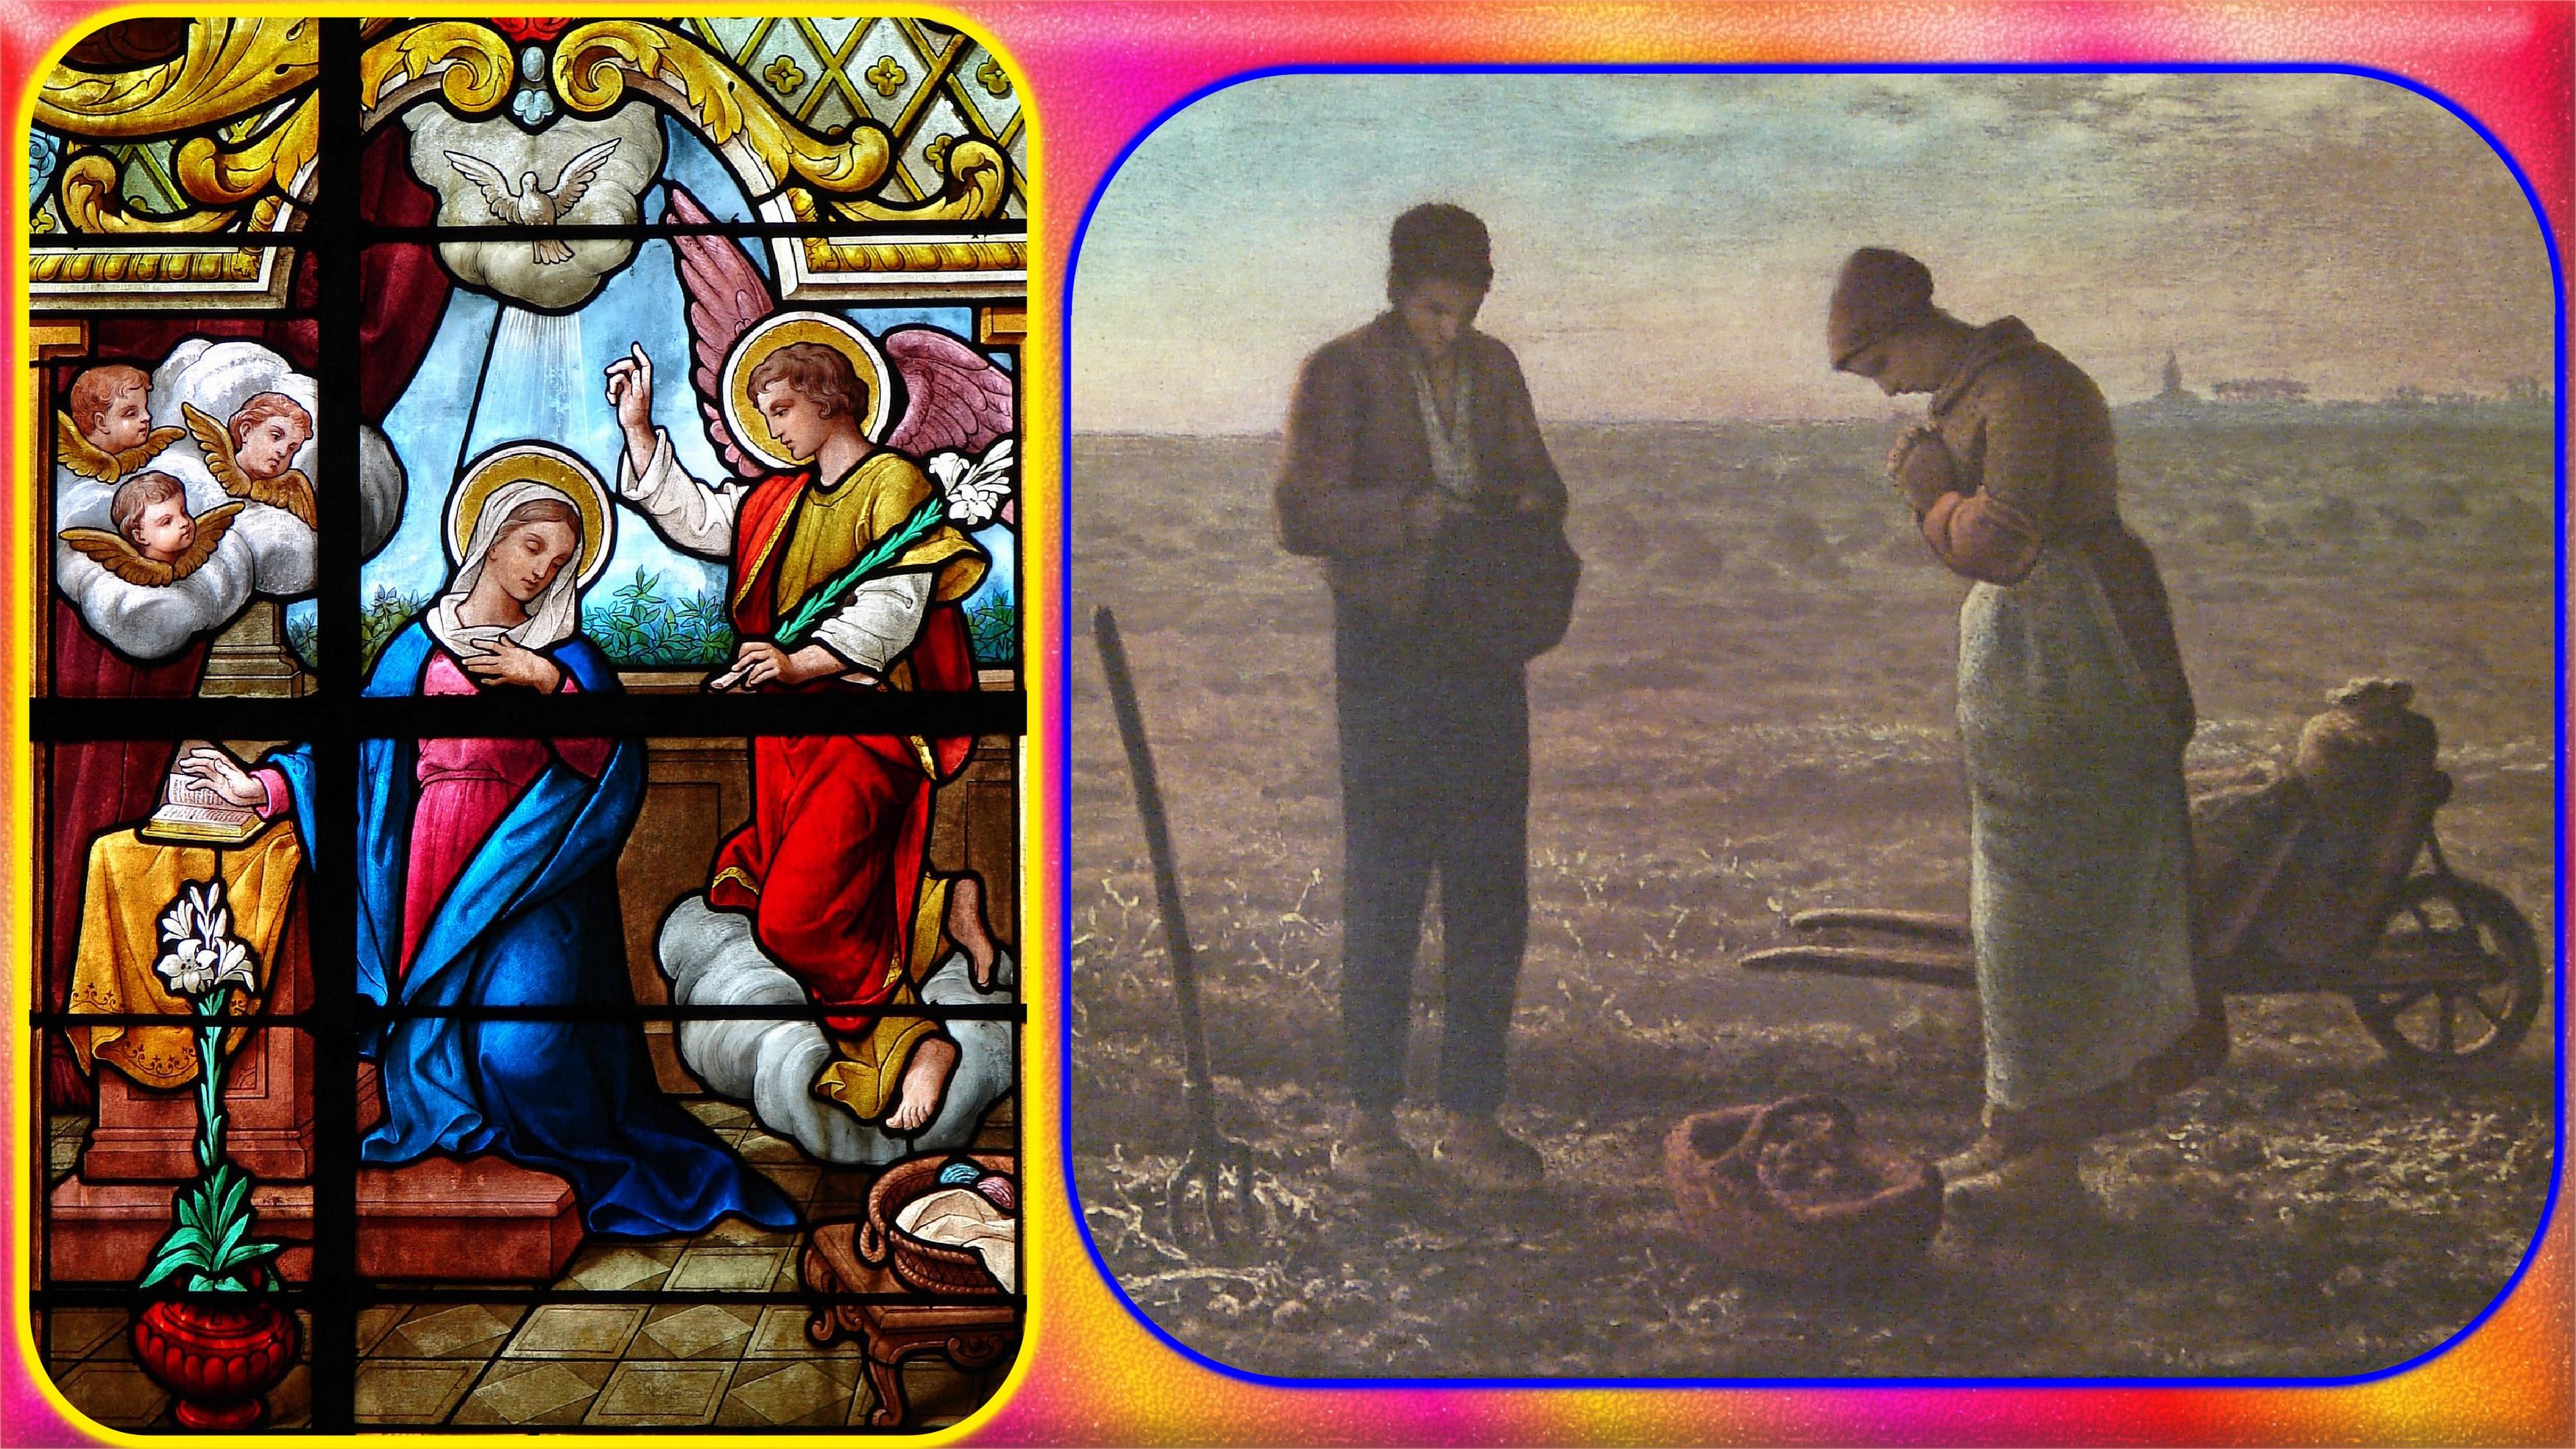 CALENDRIER CATHOLIQUE 2020 (Cantiques, Prières & Images) - Page 8 L-angelus-5723cb5